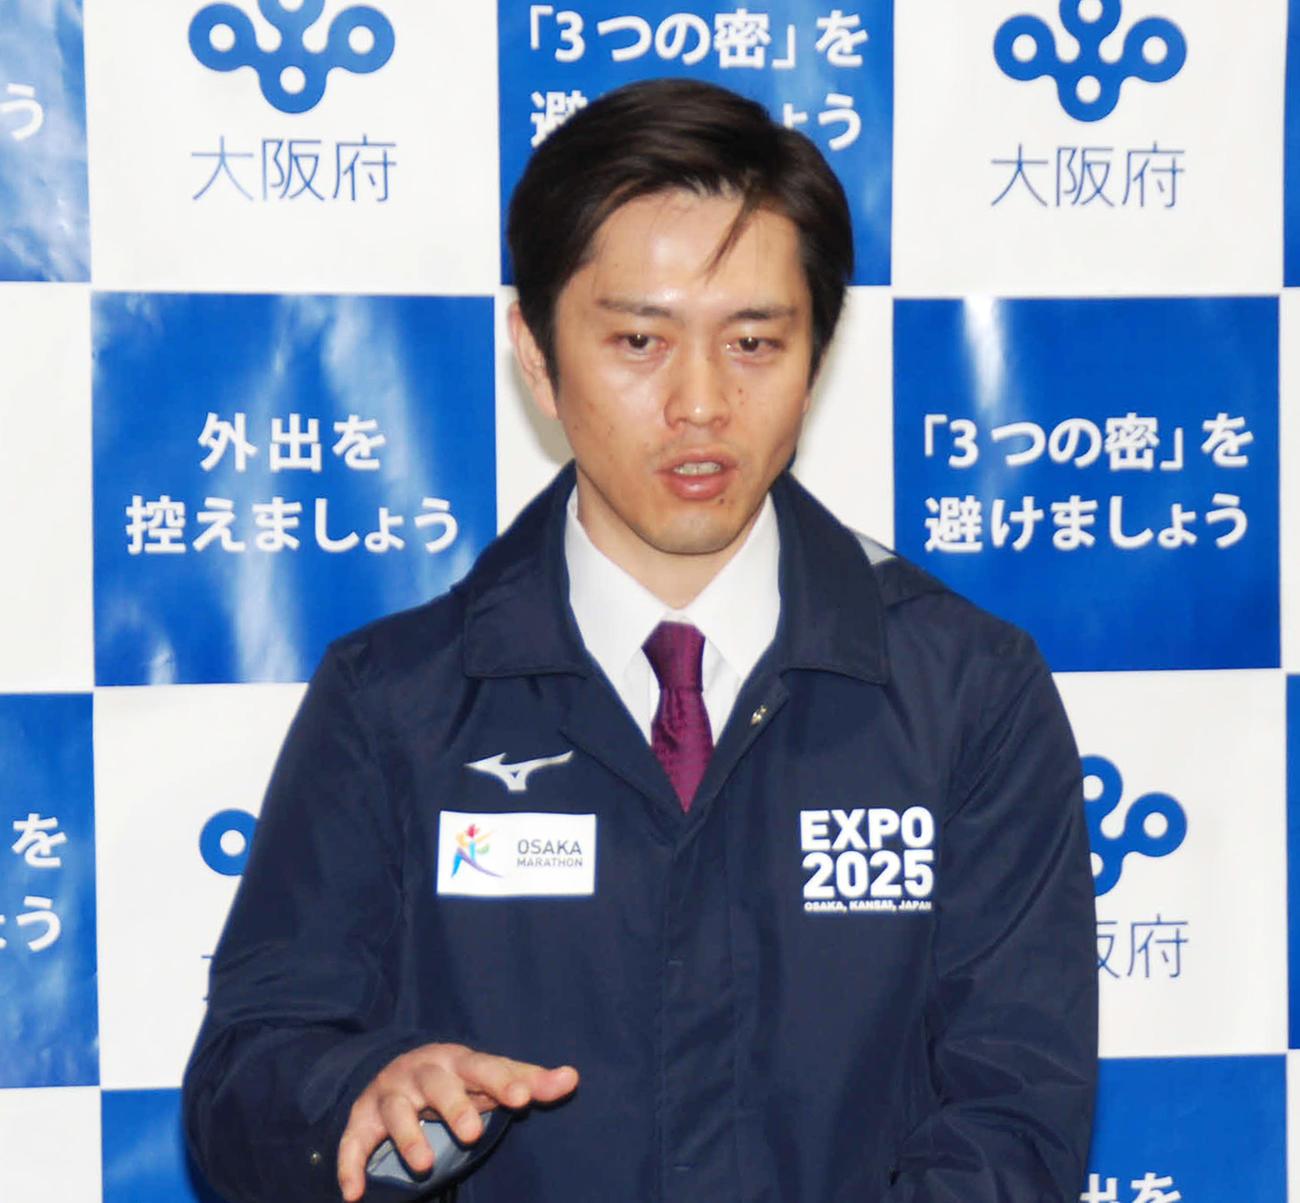 公表 どこ ぱちんこ 大阪